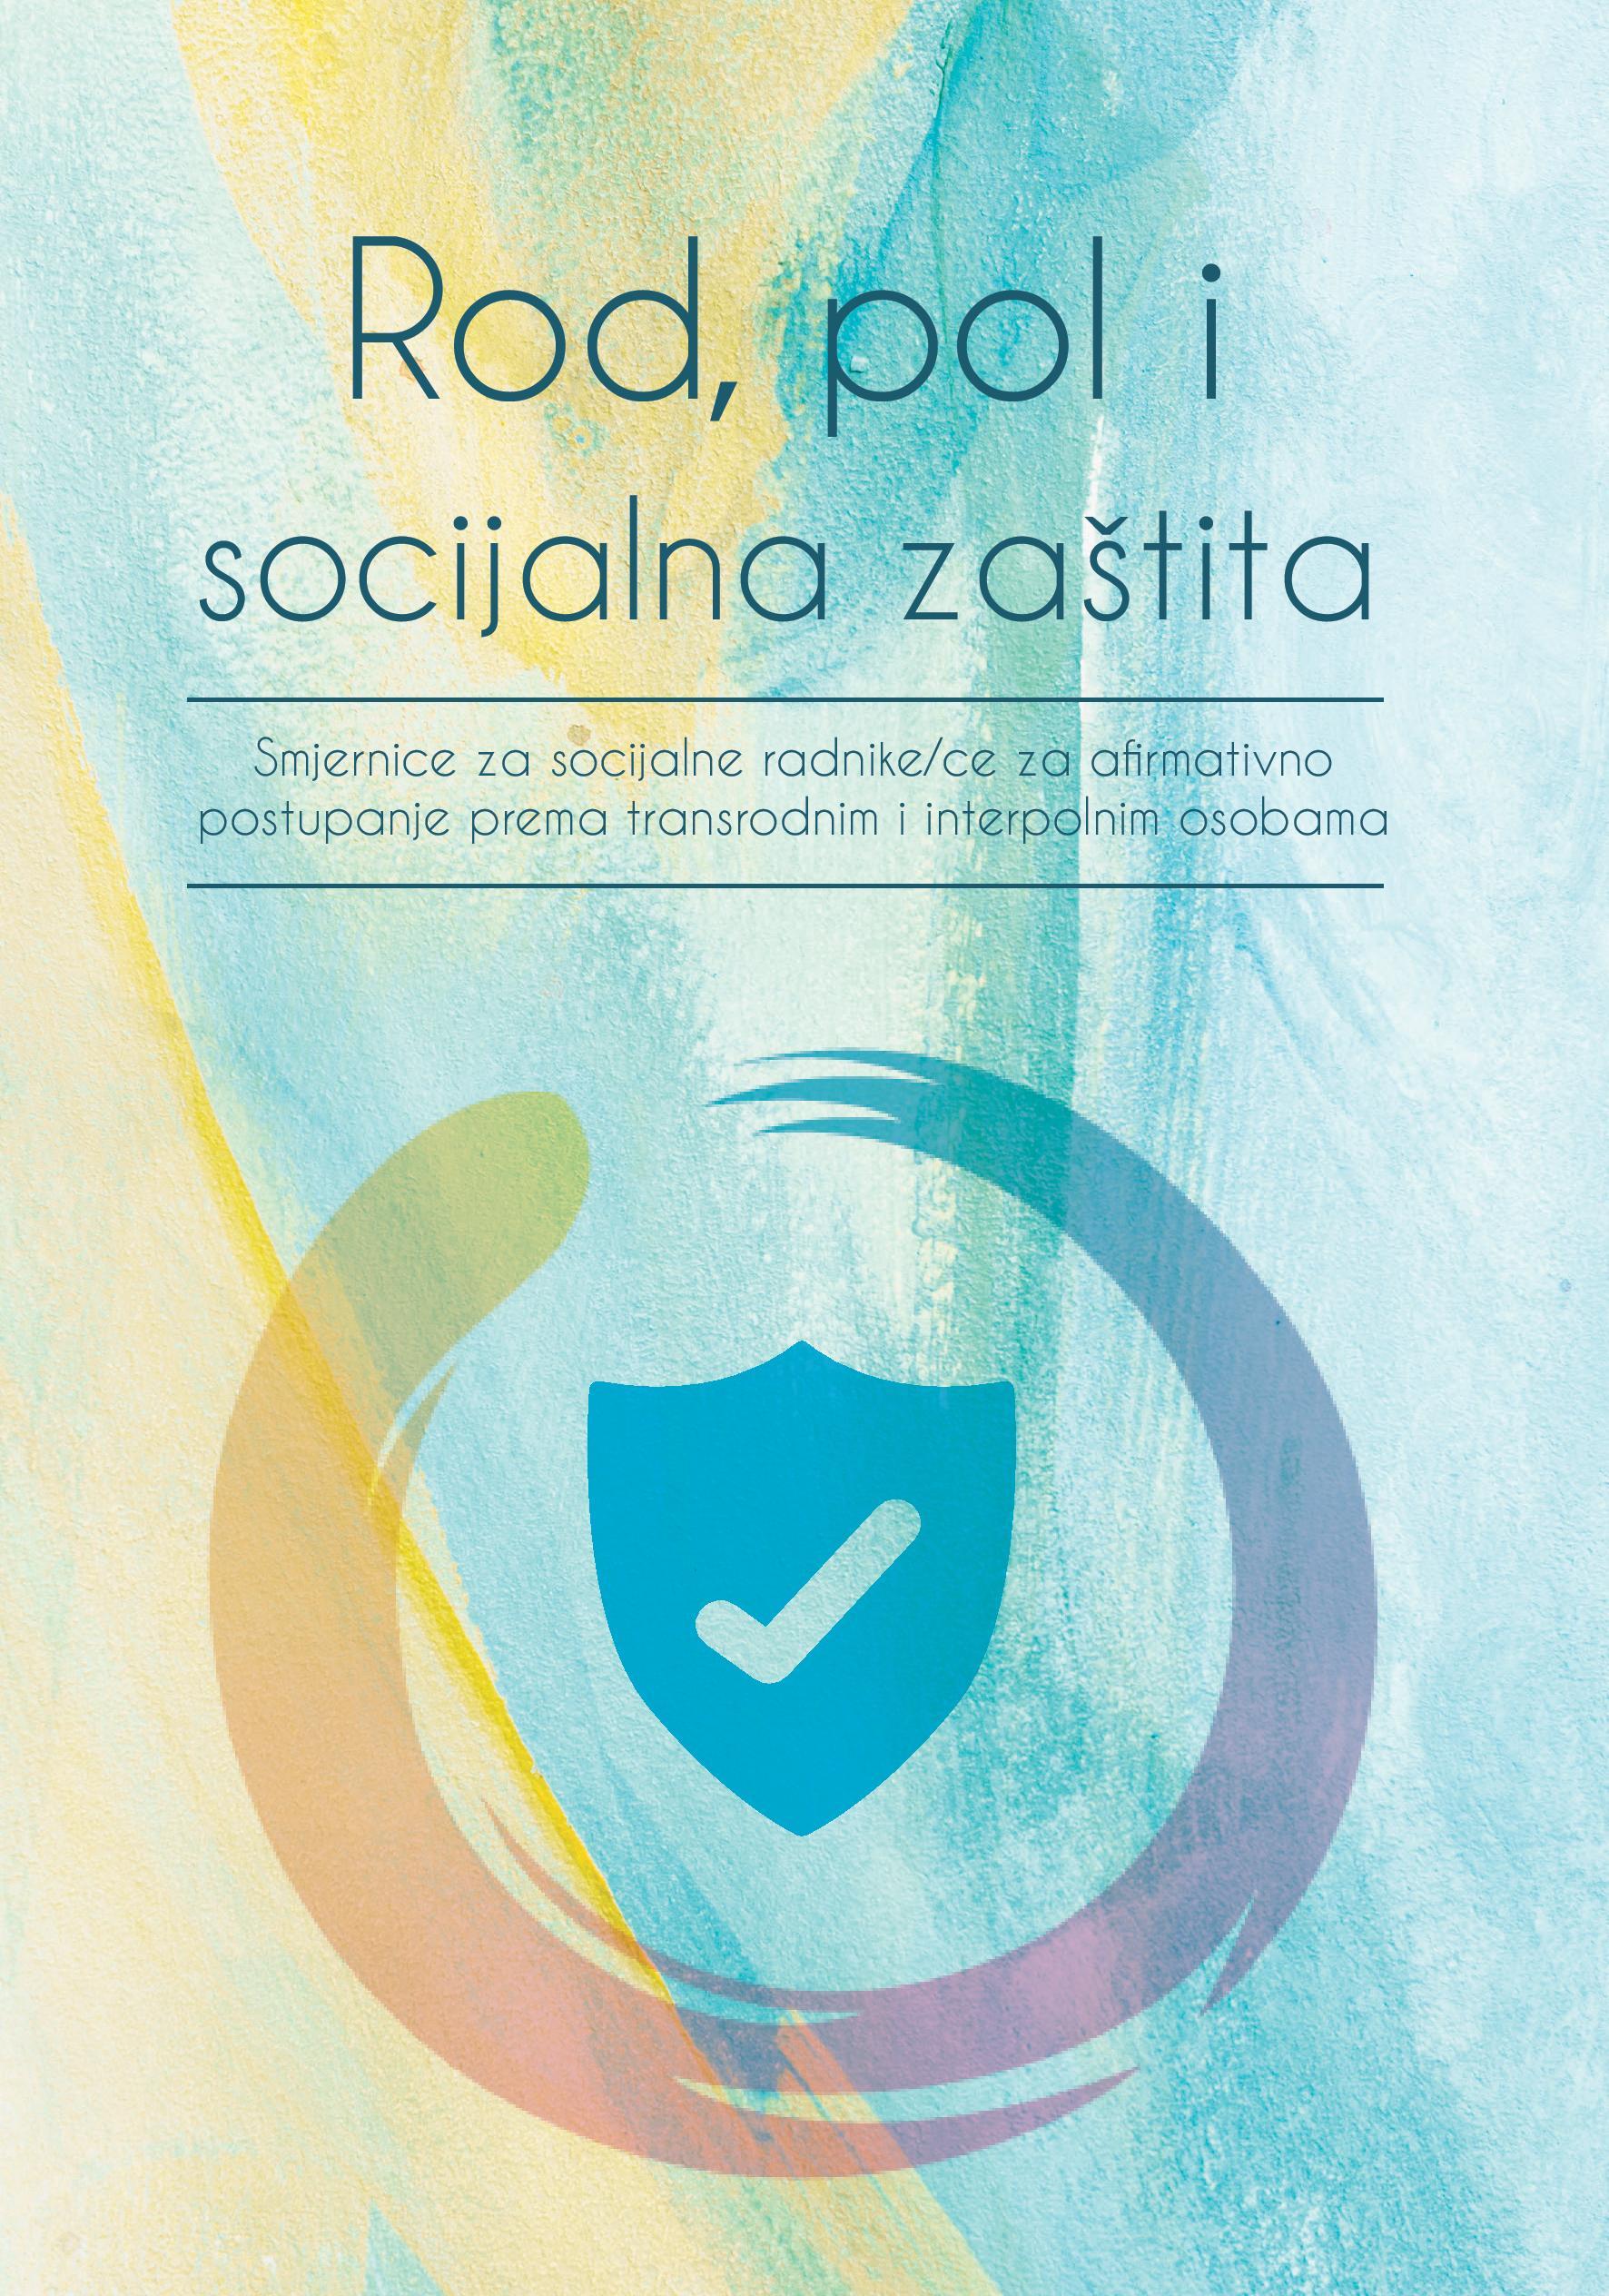 SMJERNICE ZA SOCIJALNE RADNIKE Press-1-2-1-page-001